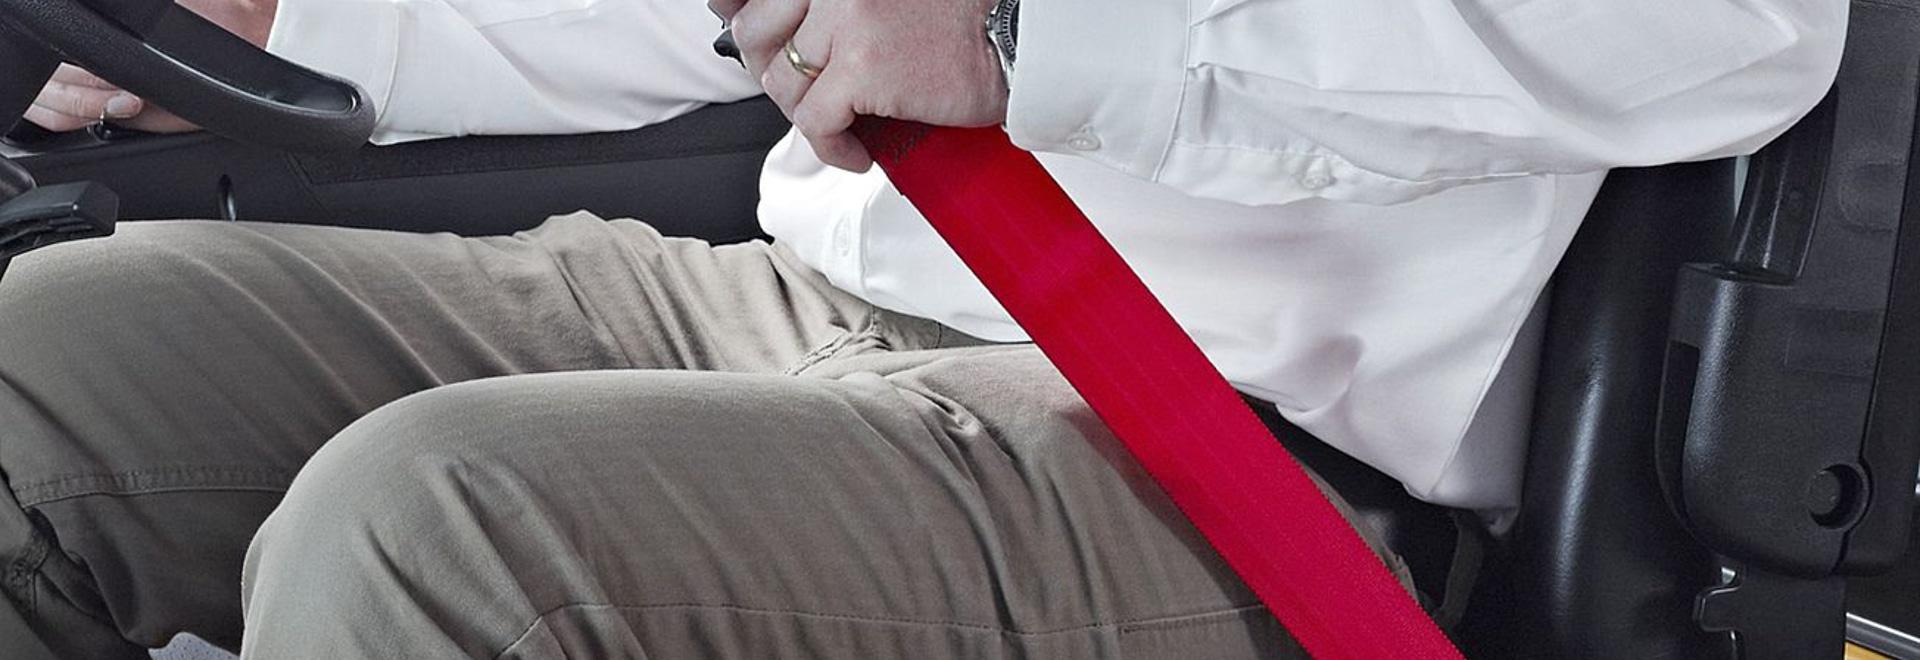 New forklift seat belts enforce driver belt use